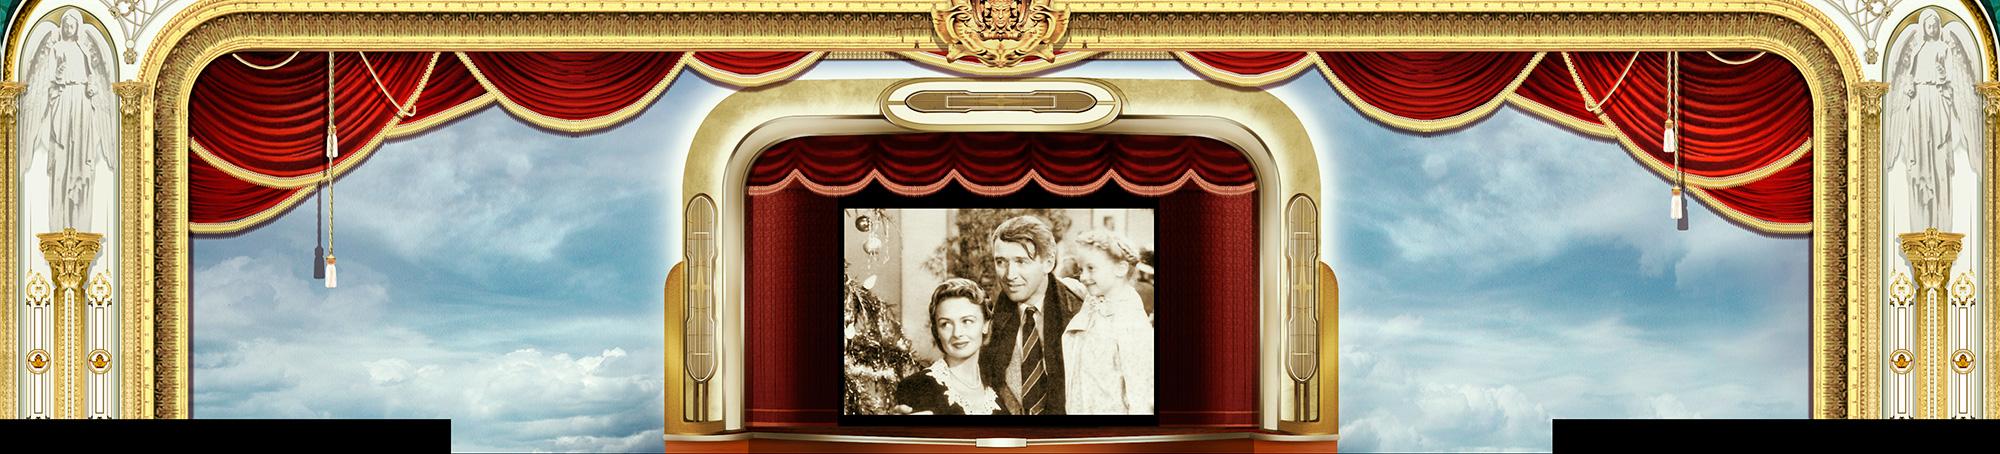 Martina Mc Bride Christmas Special 60' width